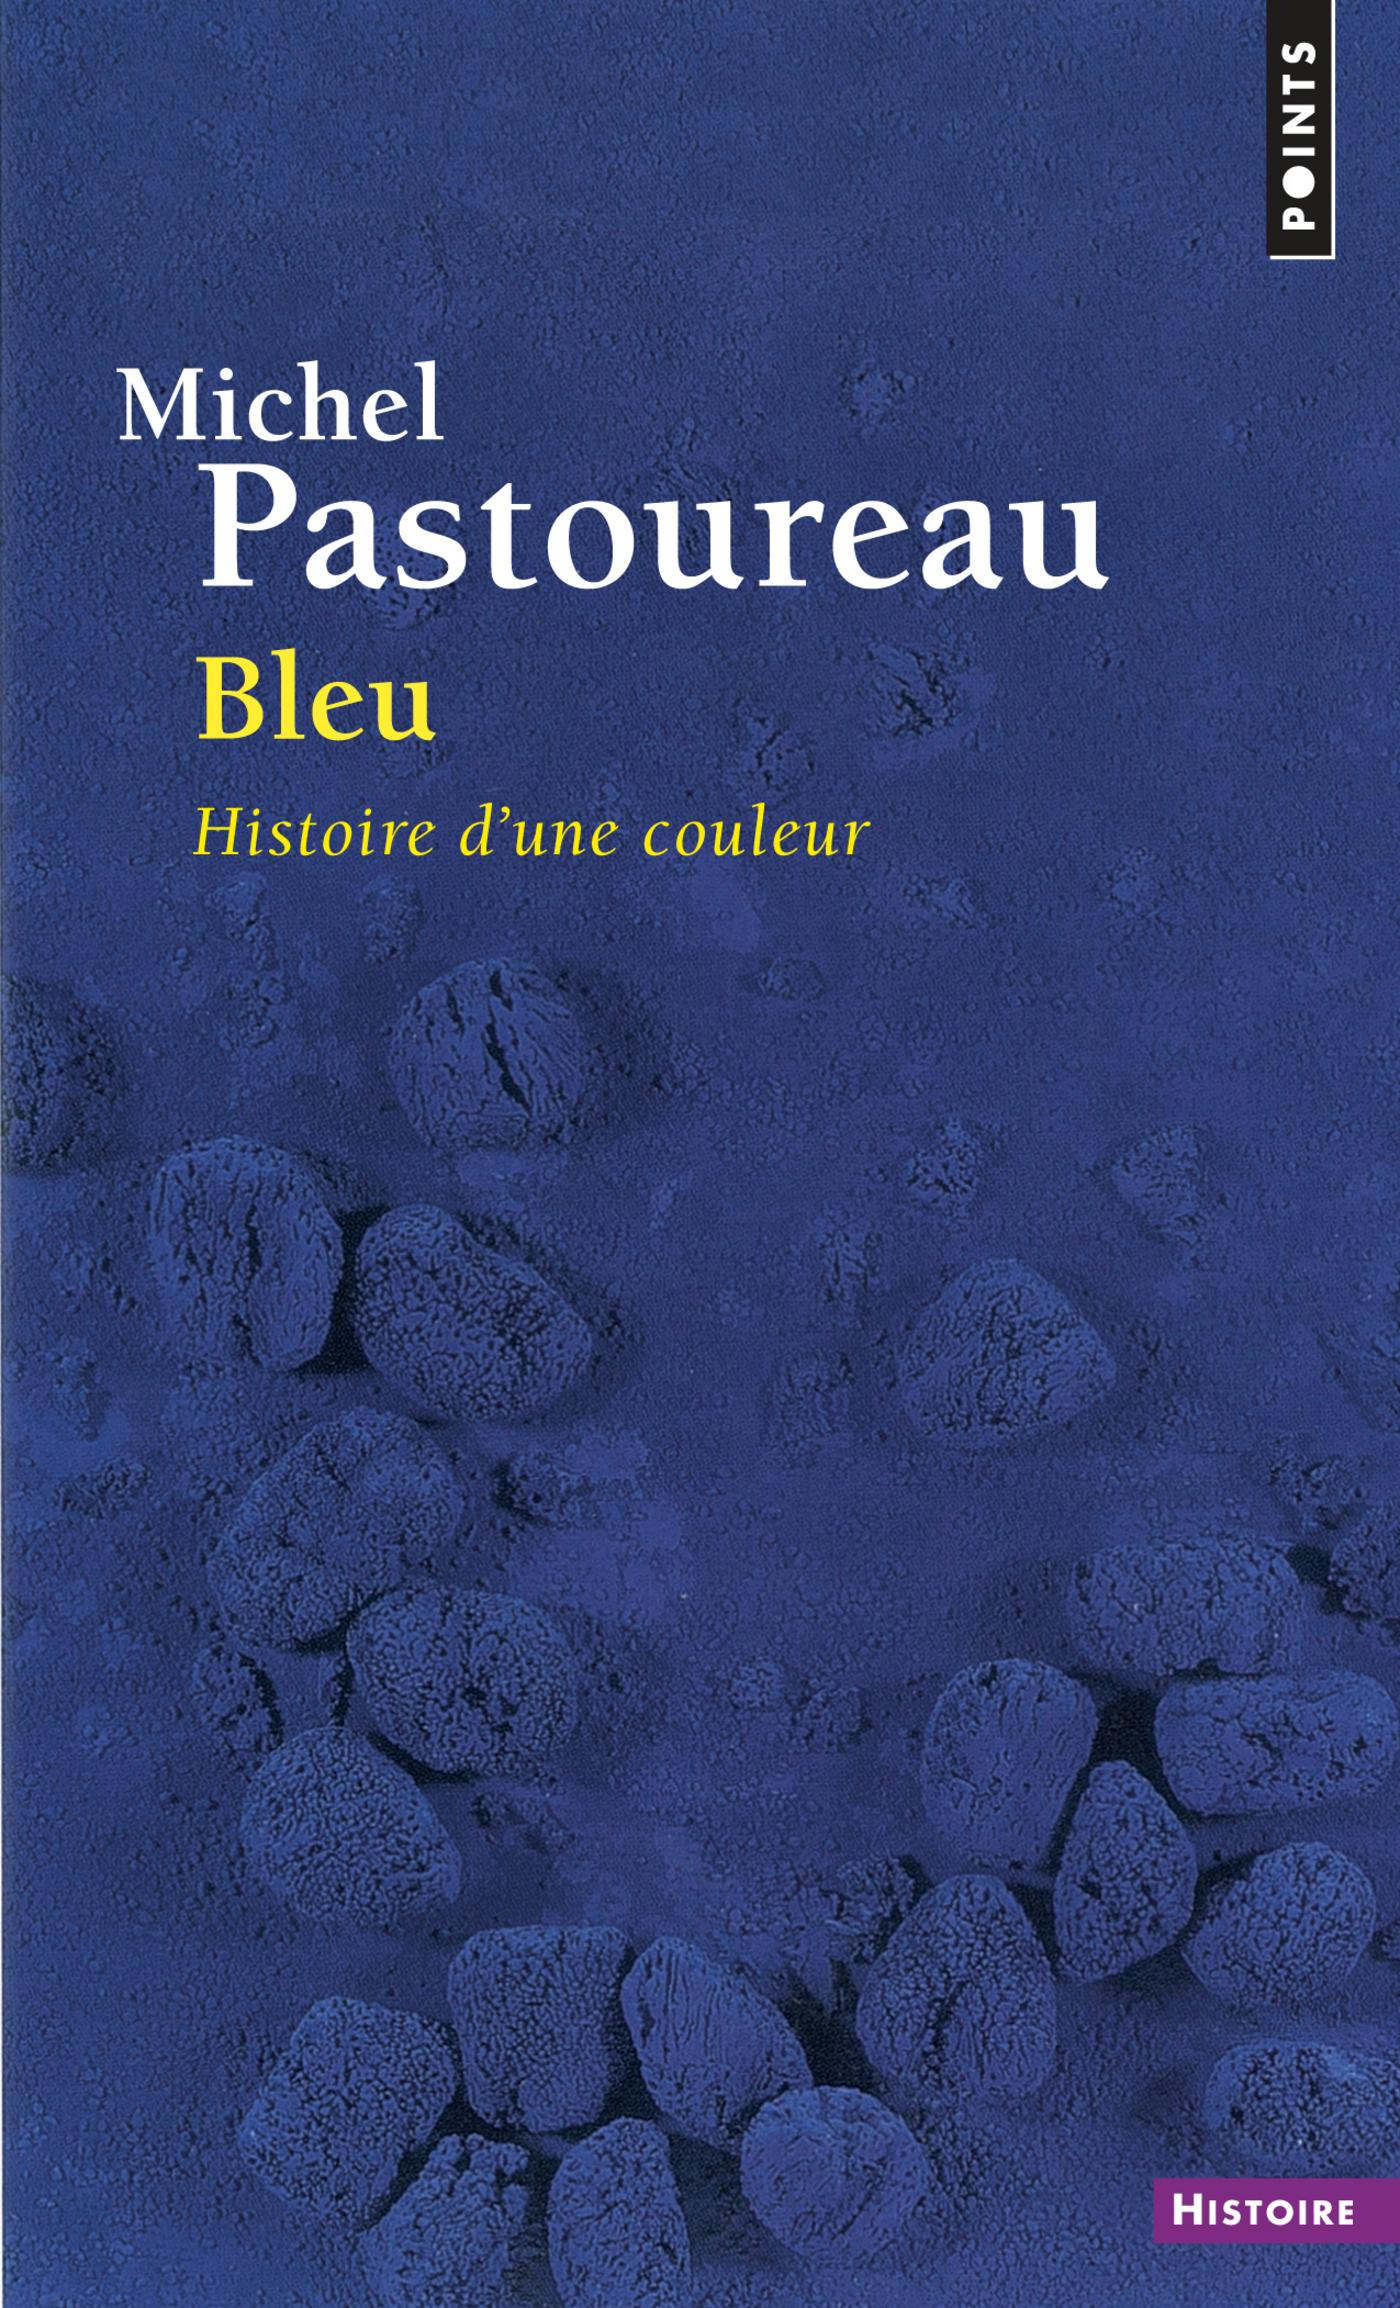 Bleu. Histoire d'une couleur | Pastoureau, Michel